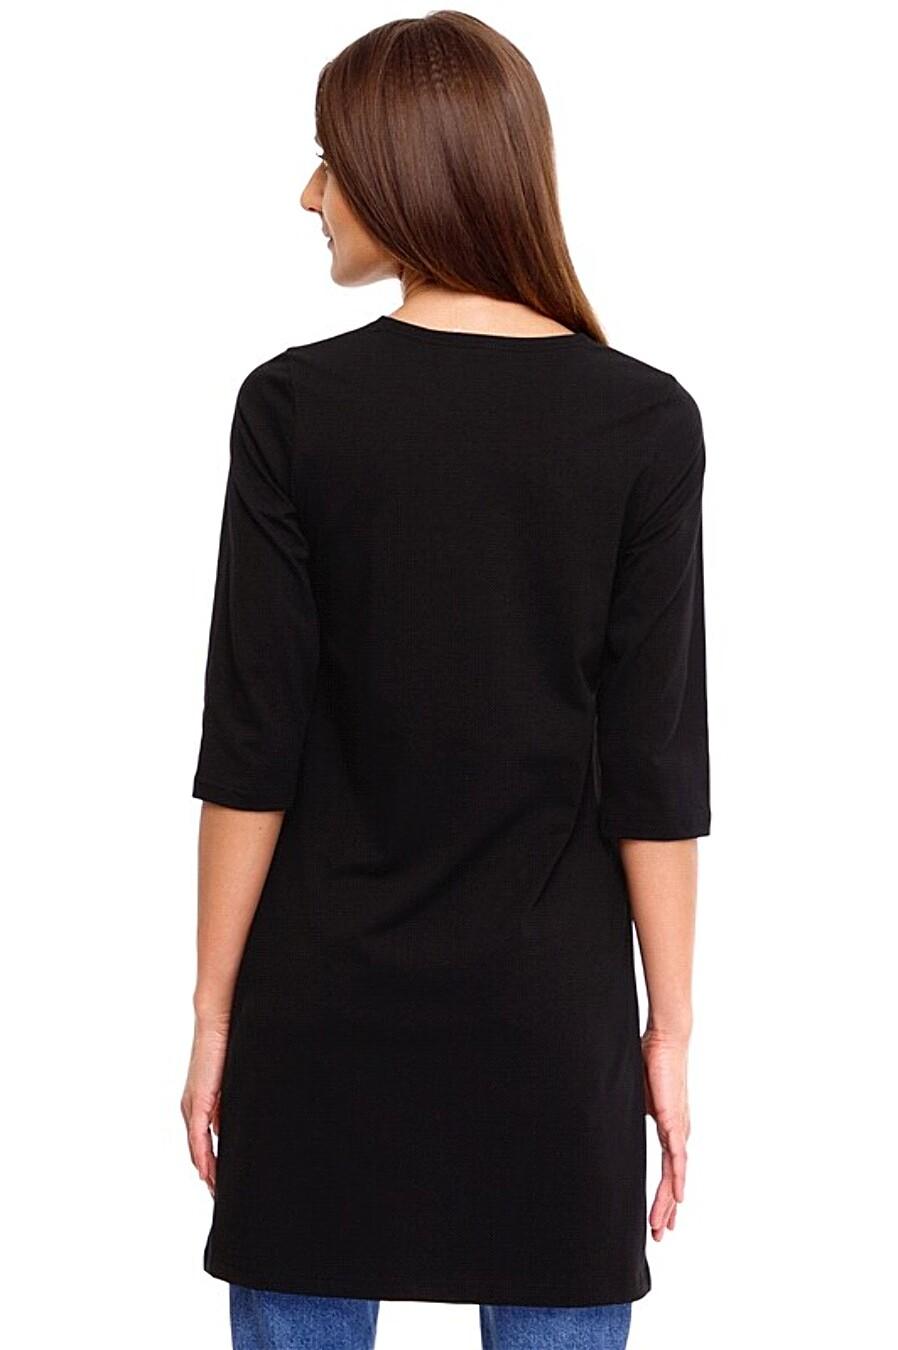 Туника для женщин Archi 288715 купить оптом от производителя. Совместная покупка женской одежды в OptMoyo